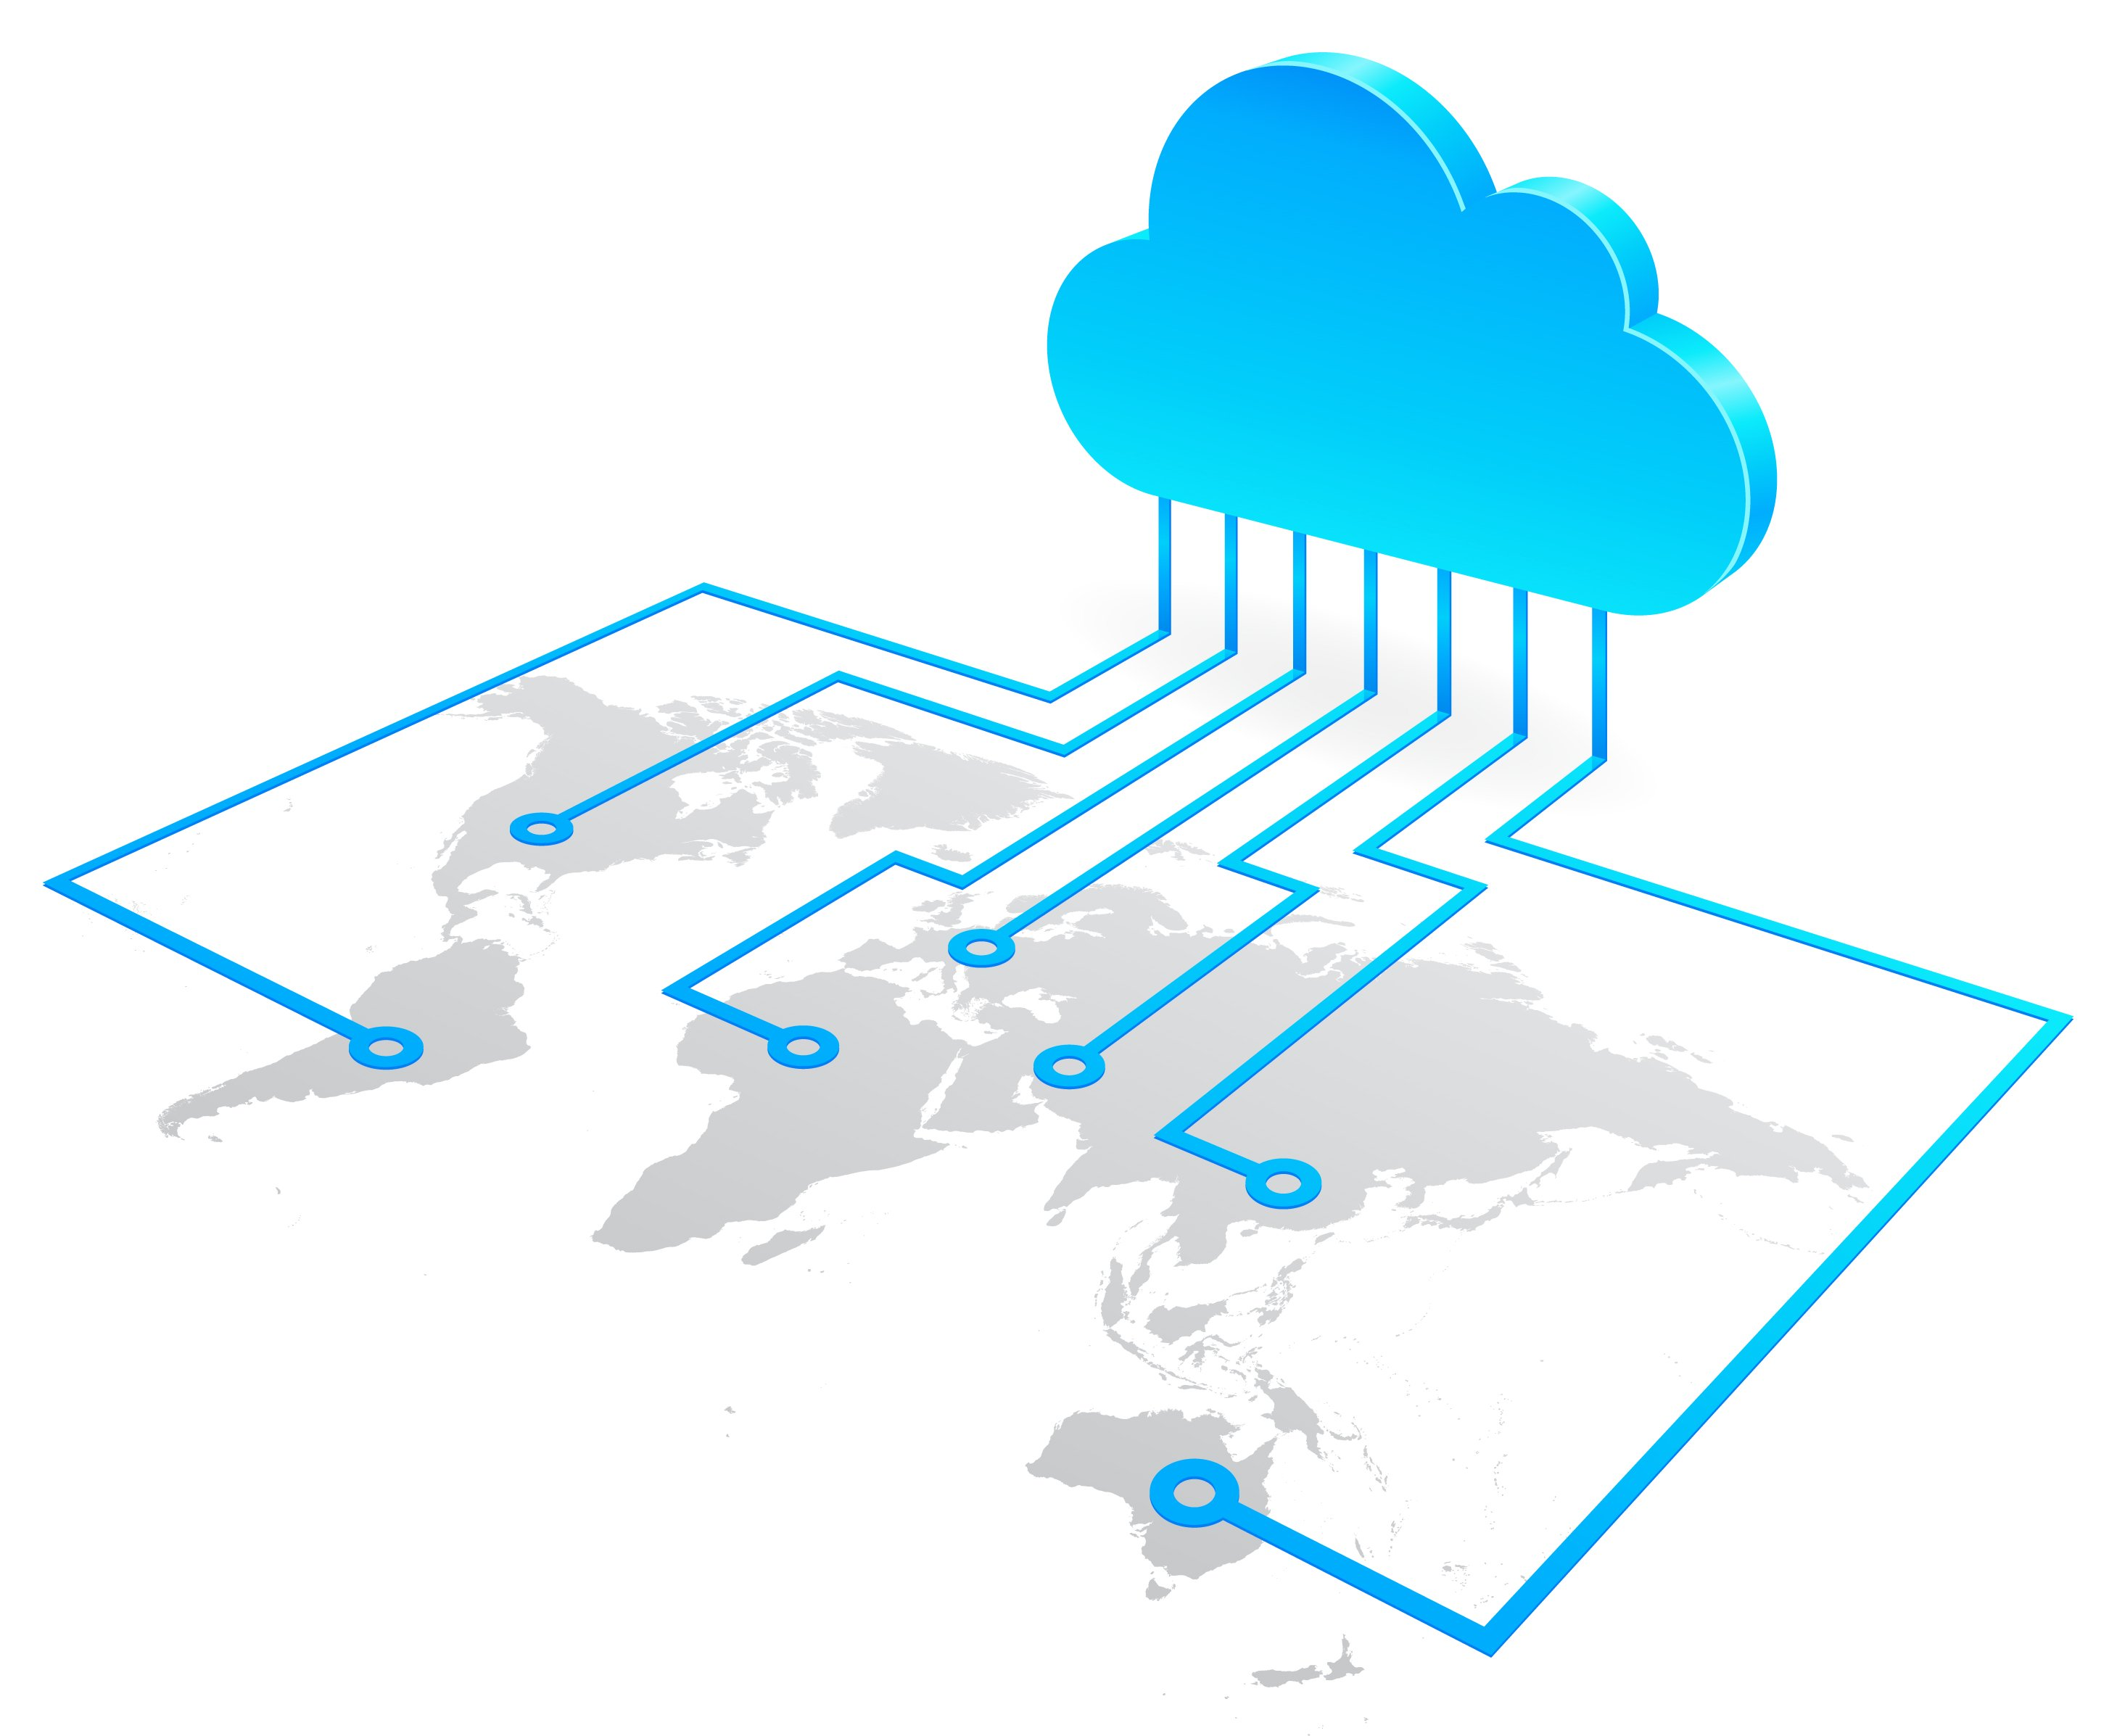 Database Security Market